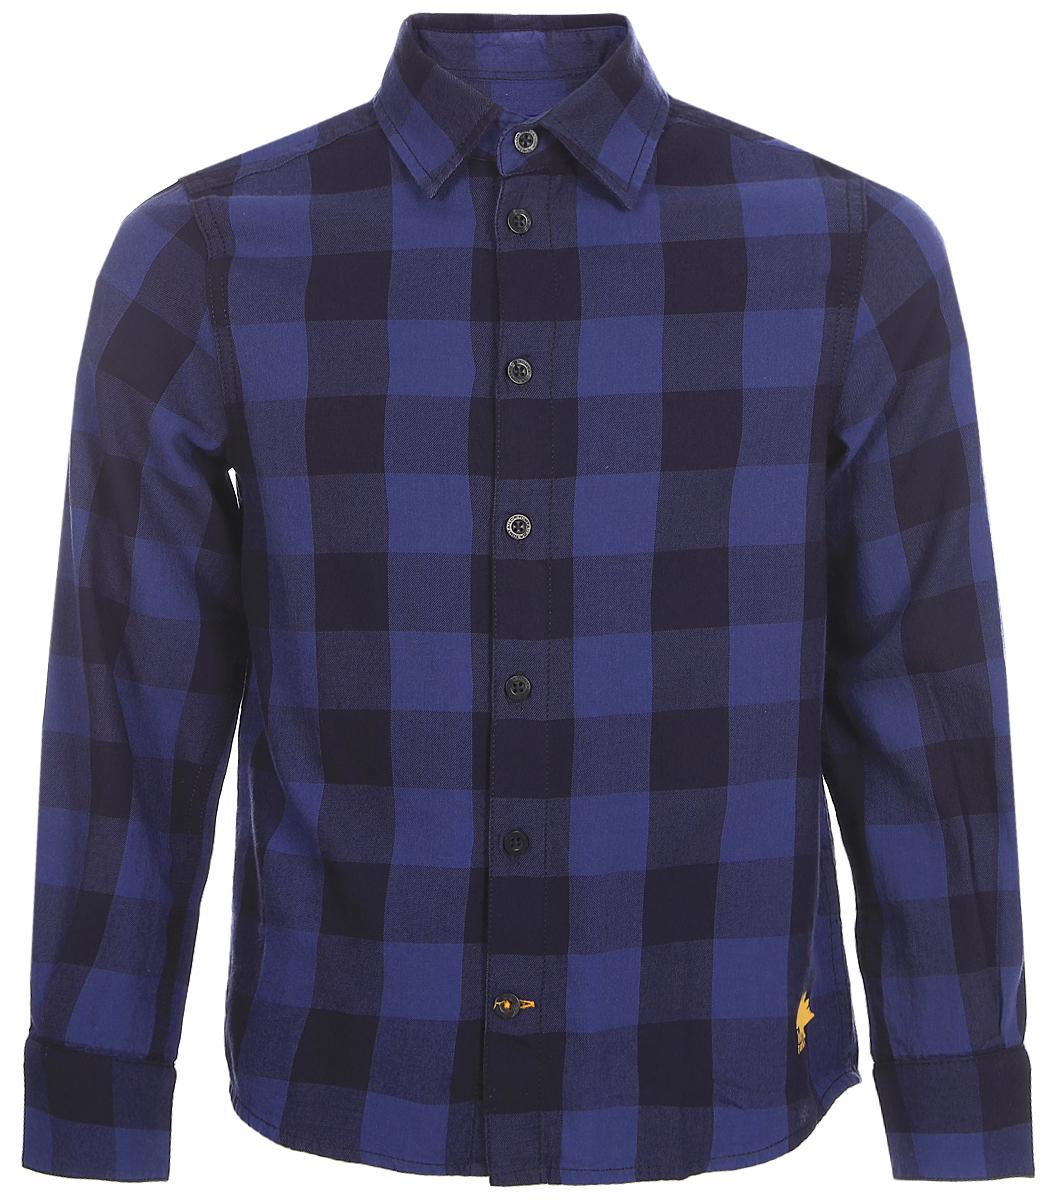 Рубашка для мальчика Tom Tailor, цвет: синий. 2033662.00.82_6800. Размер 116/1222033662.00.82_6800Рубашка для мальчика от Tom Tailor выполнена из натурального хлопка. Модель с длинными рукавами и отложным воротником застегивается на пуговицы.